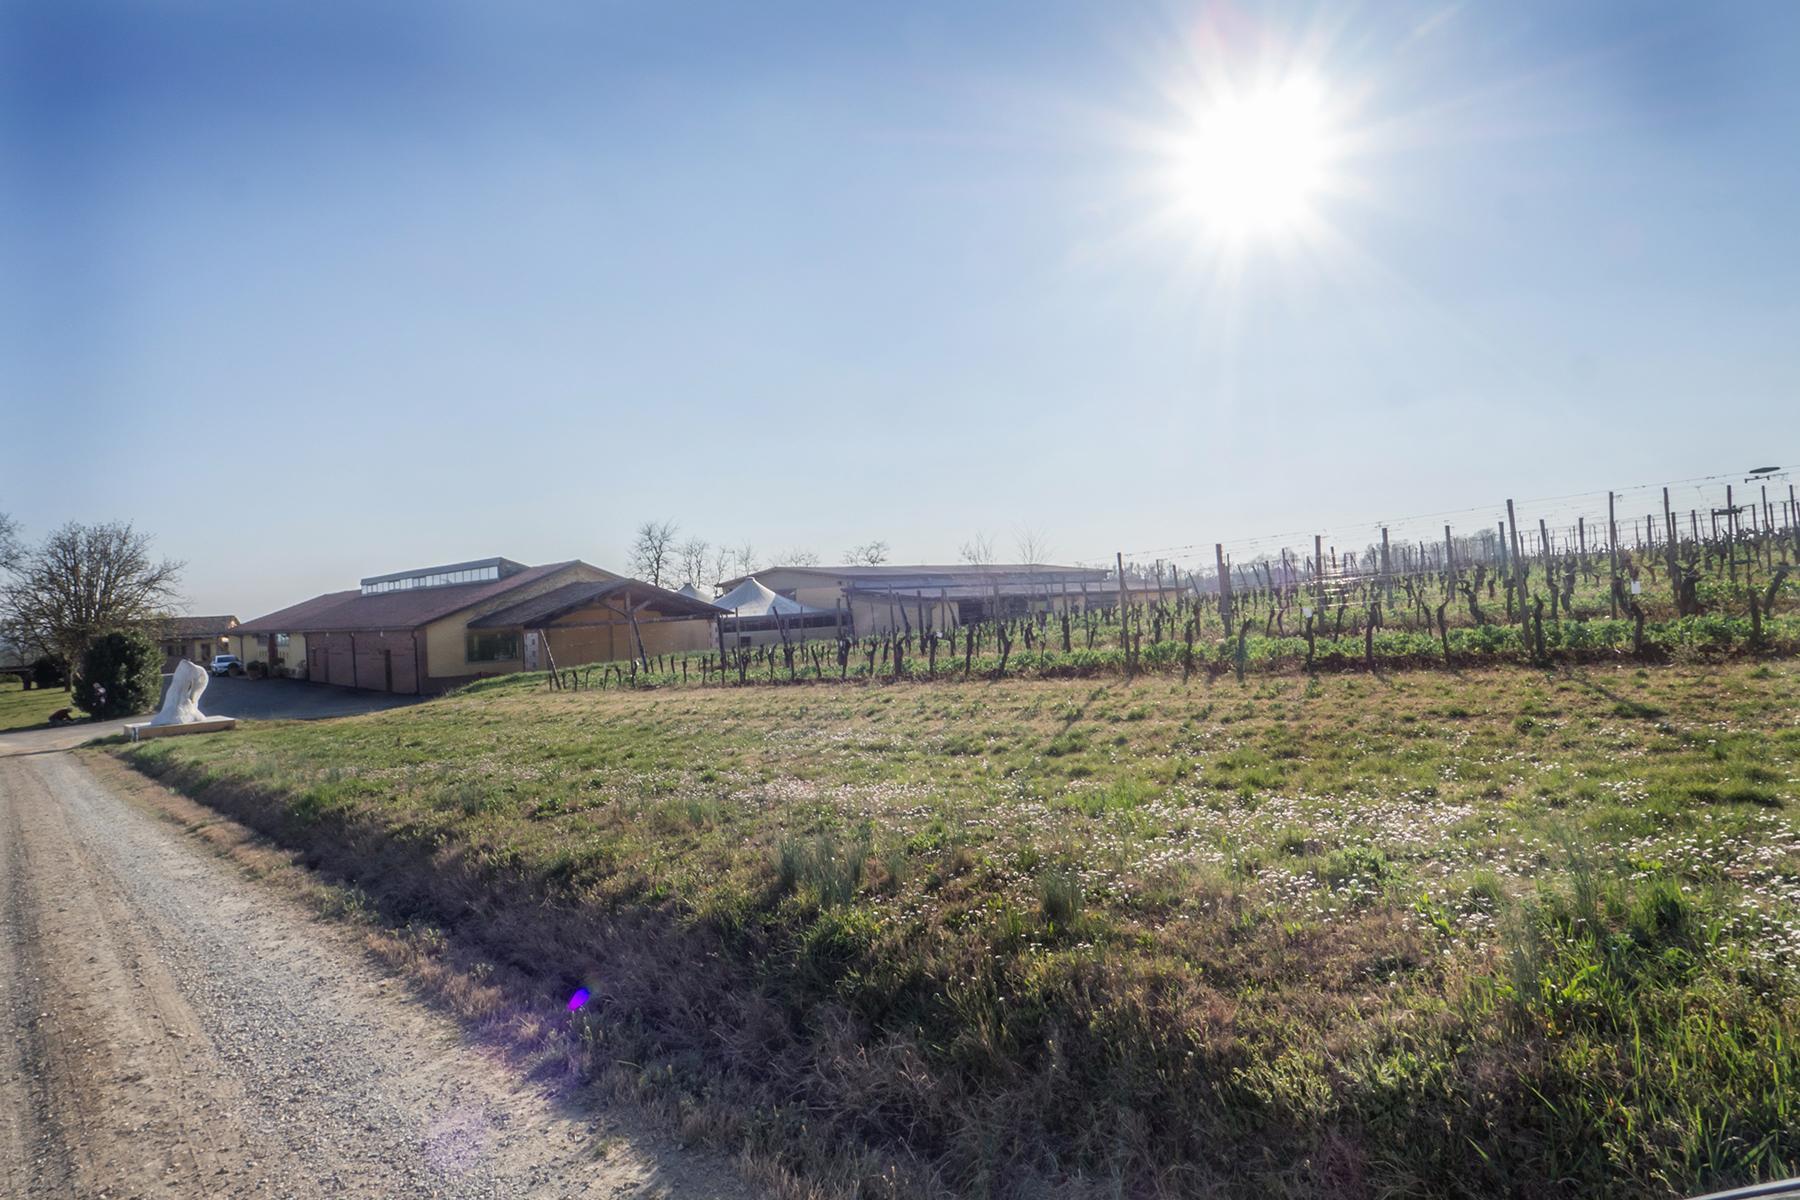 Meravigliosa azienda vitivinicola nel cuore del Monferrato - 14